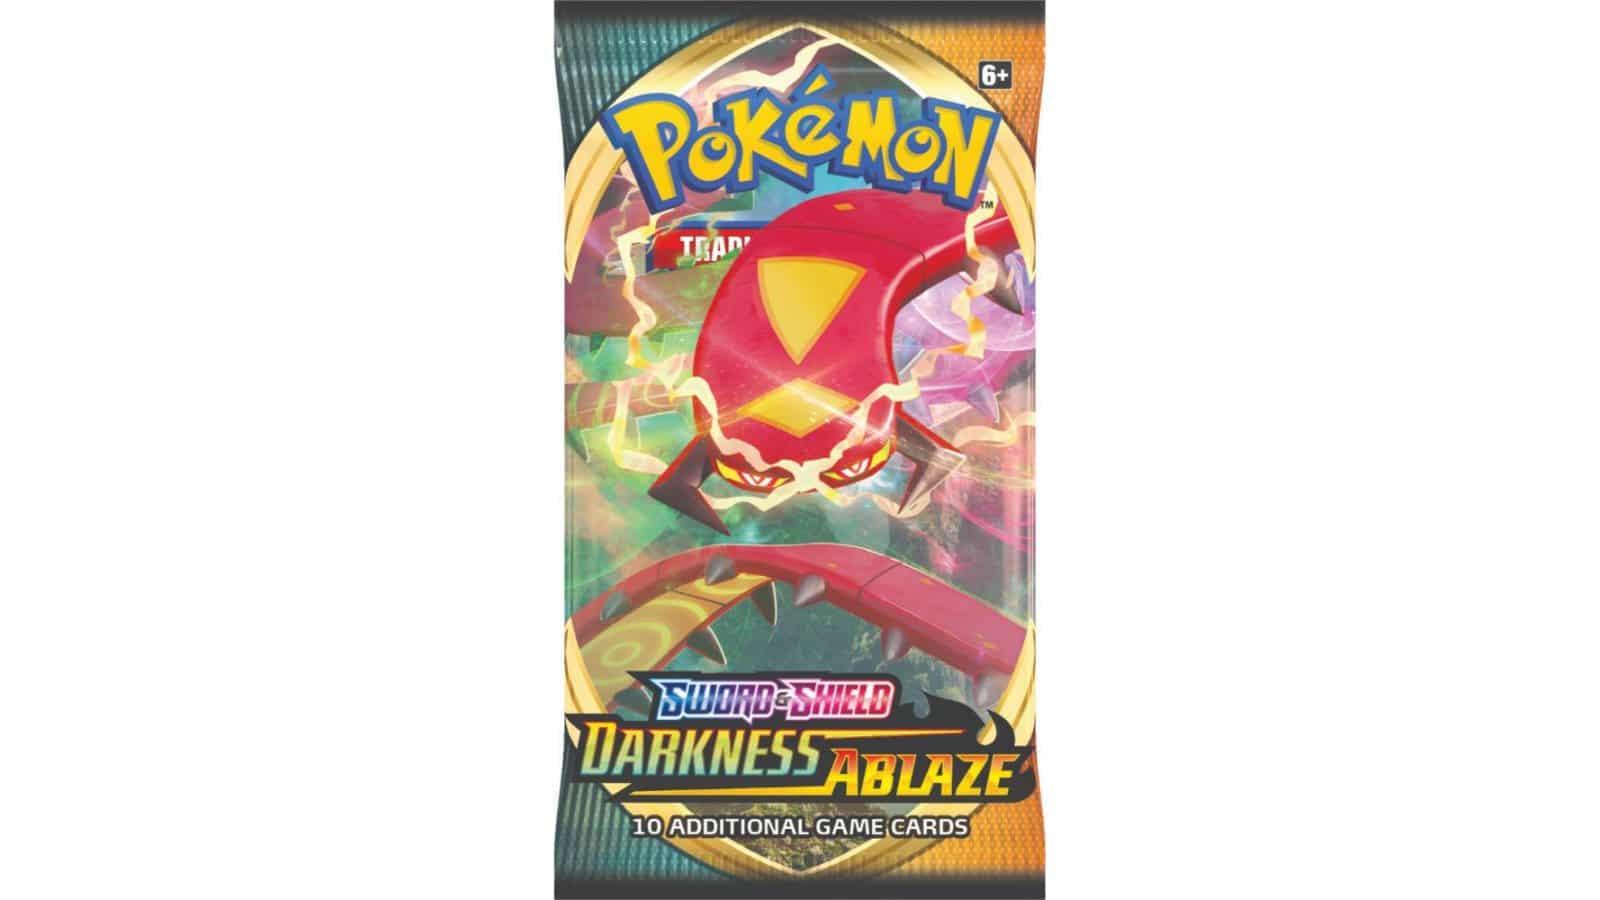 חבילת בוסטר - Pokémon Sword & Shield: Darkness Ablaze